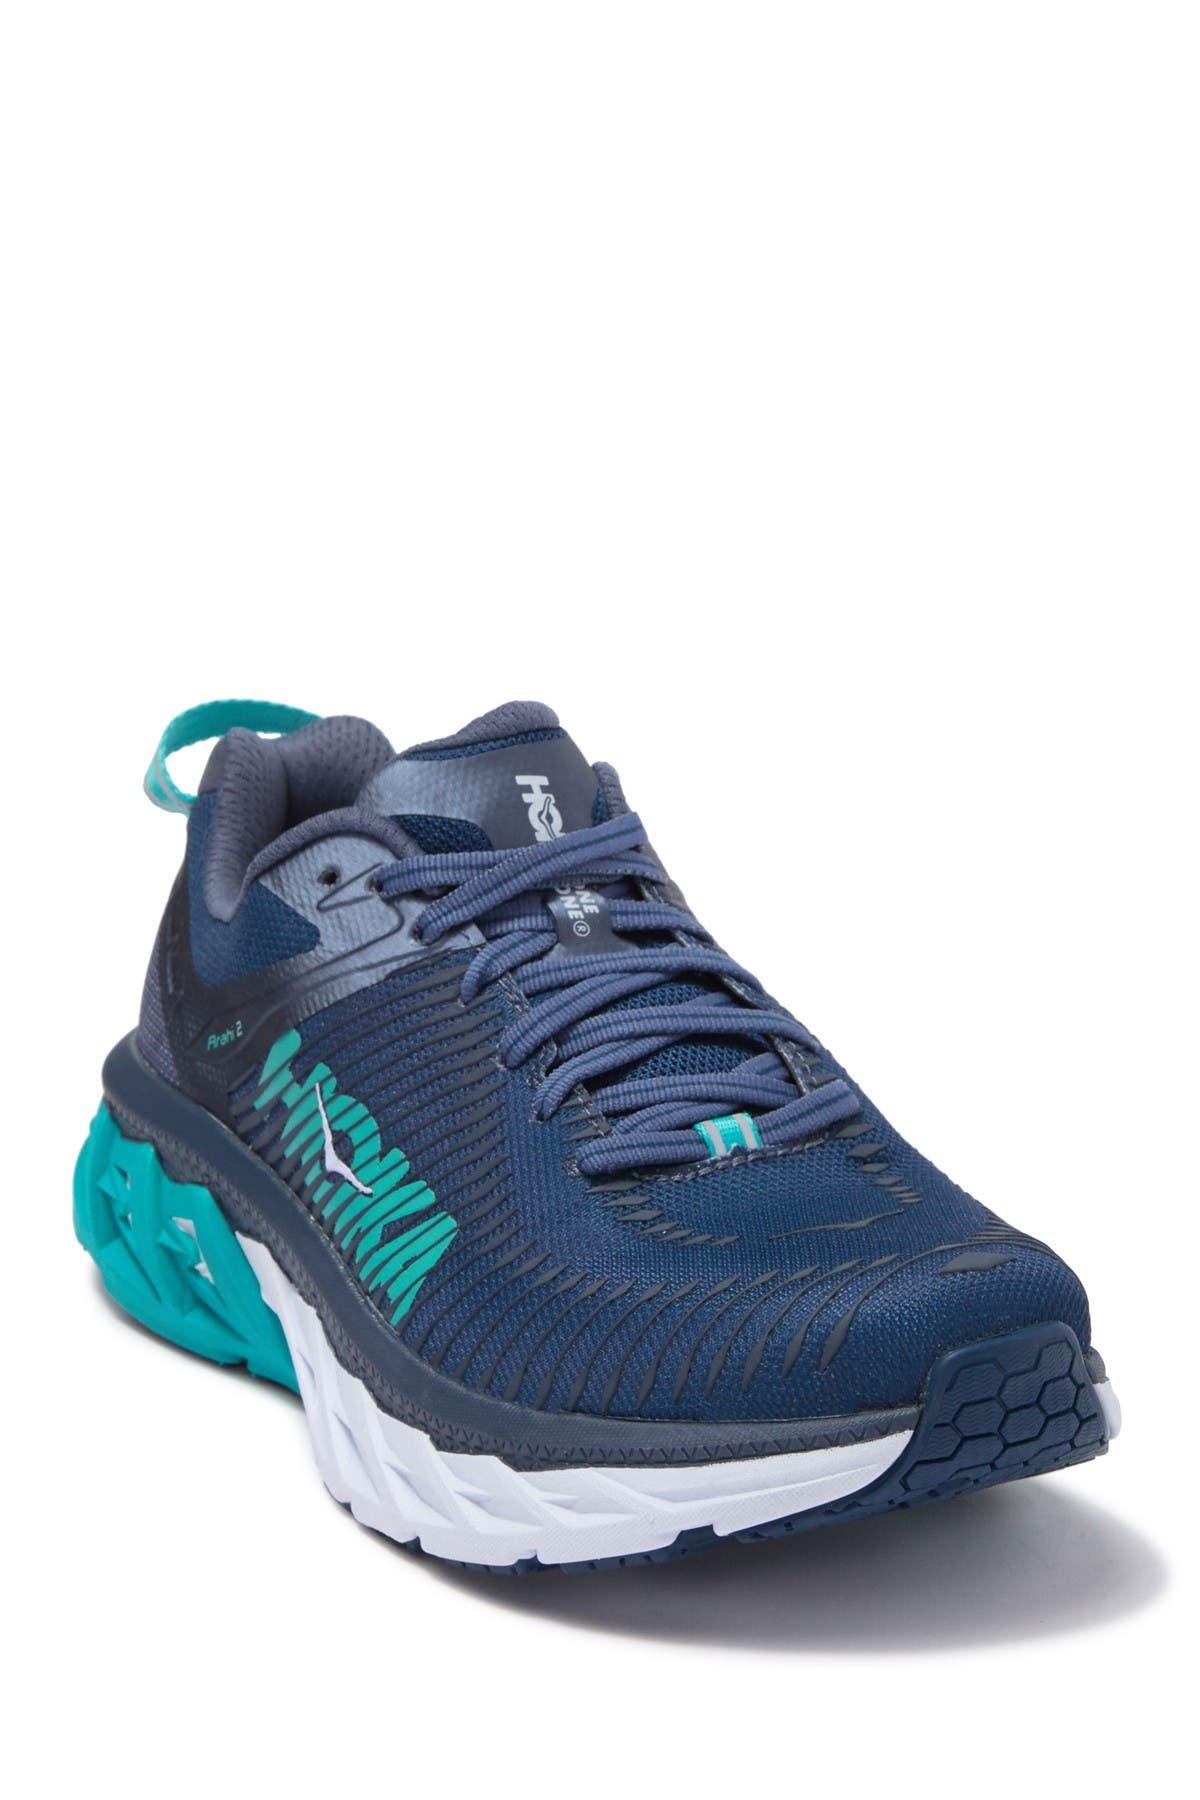 HOKA ONE ONE | Arahi 2 Sneaker - Wide